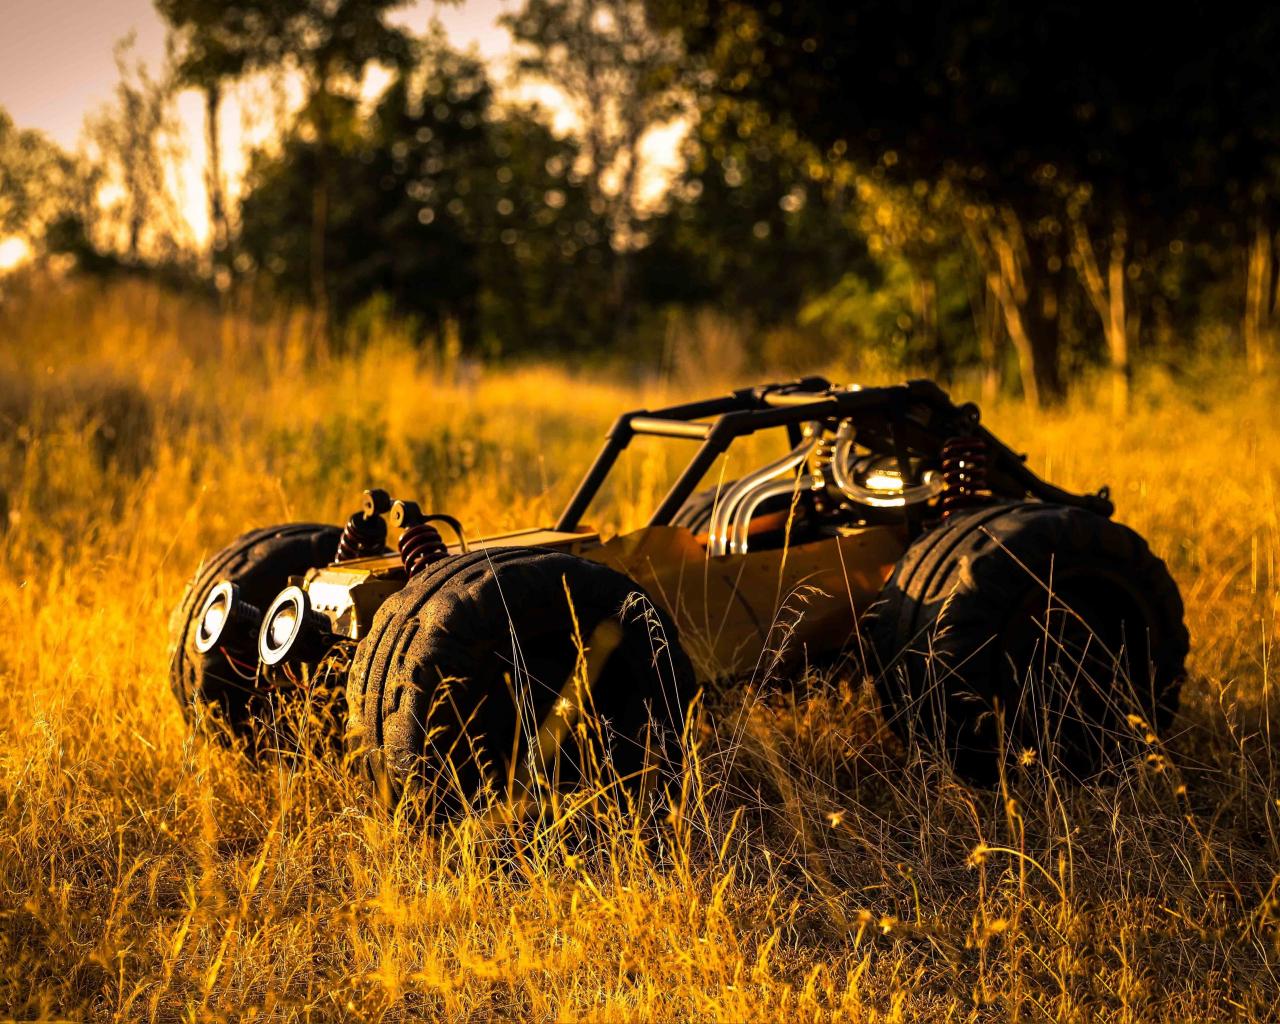 Download 1280x1024 Wallpaper Pubg Buggy Vehicle Landscape